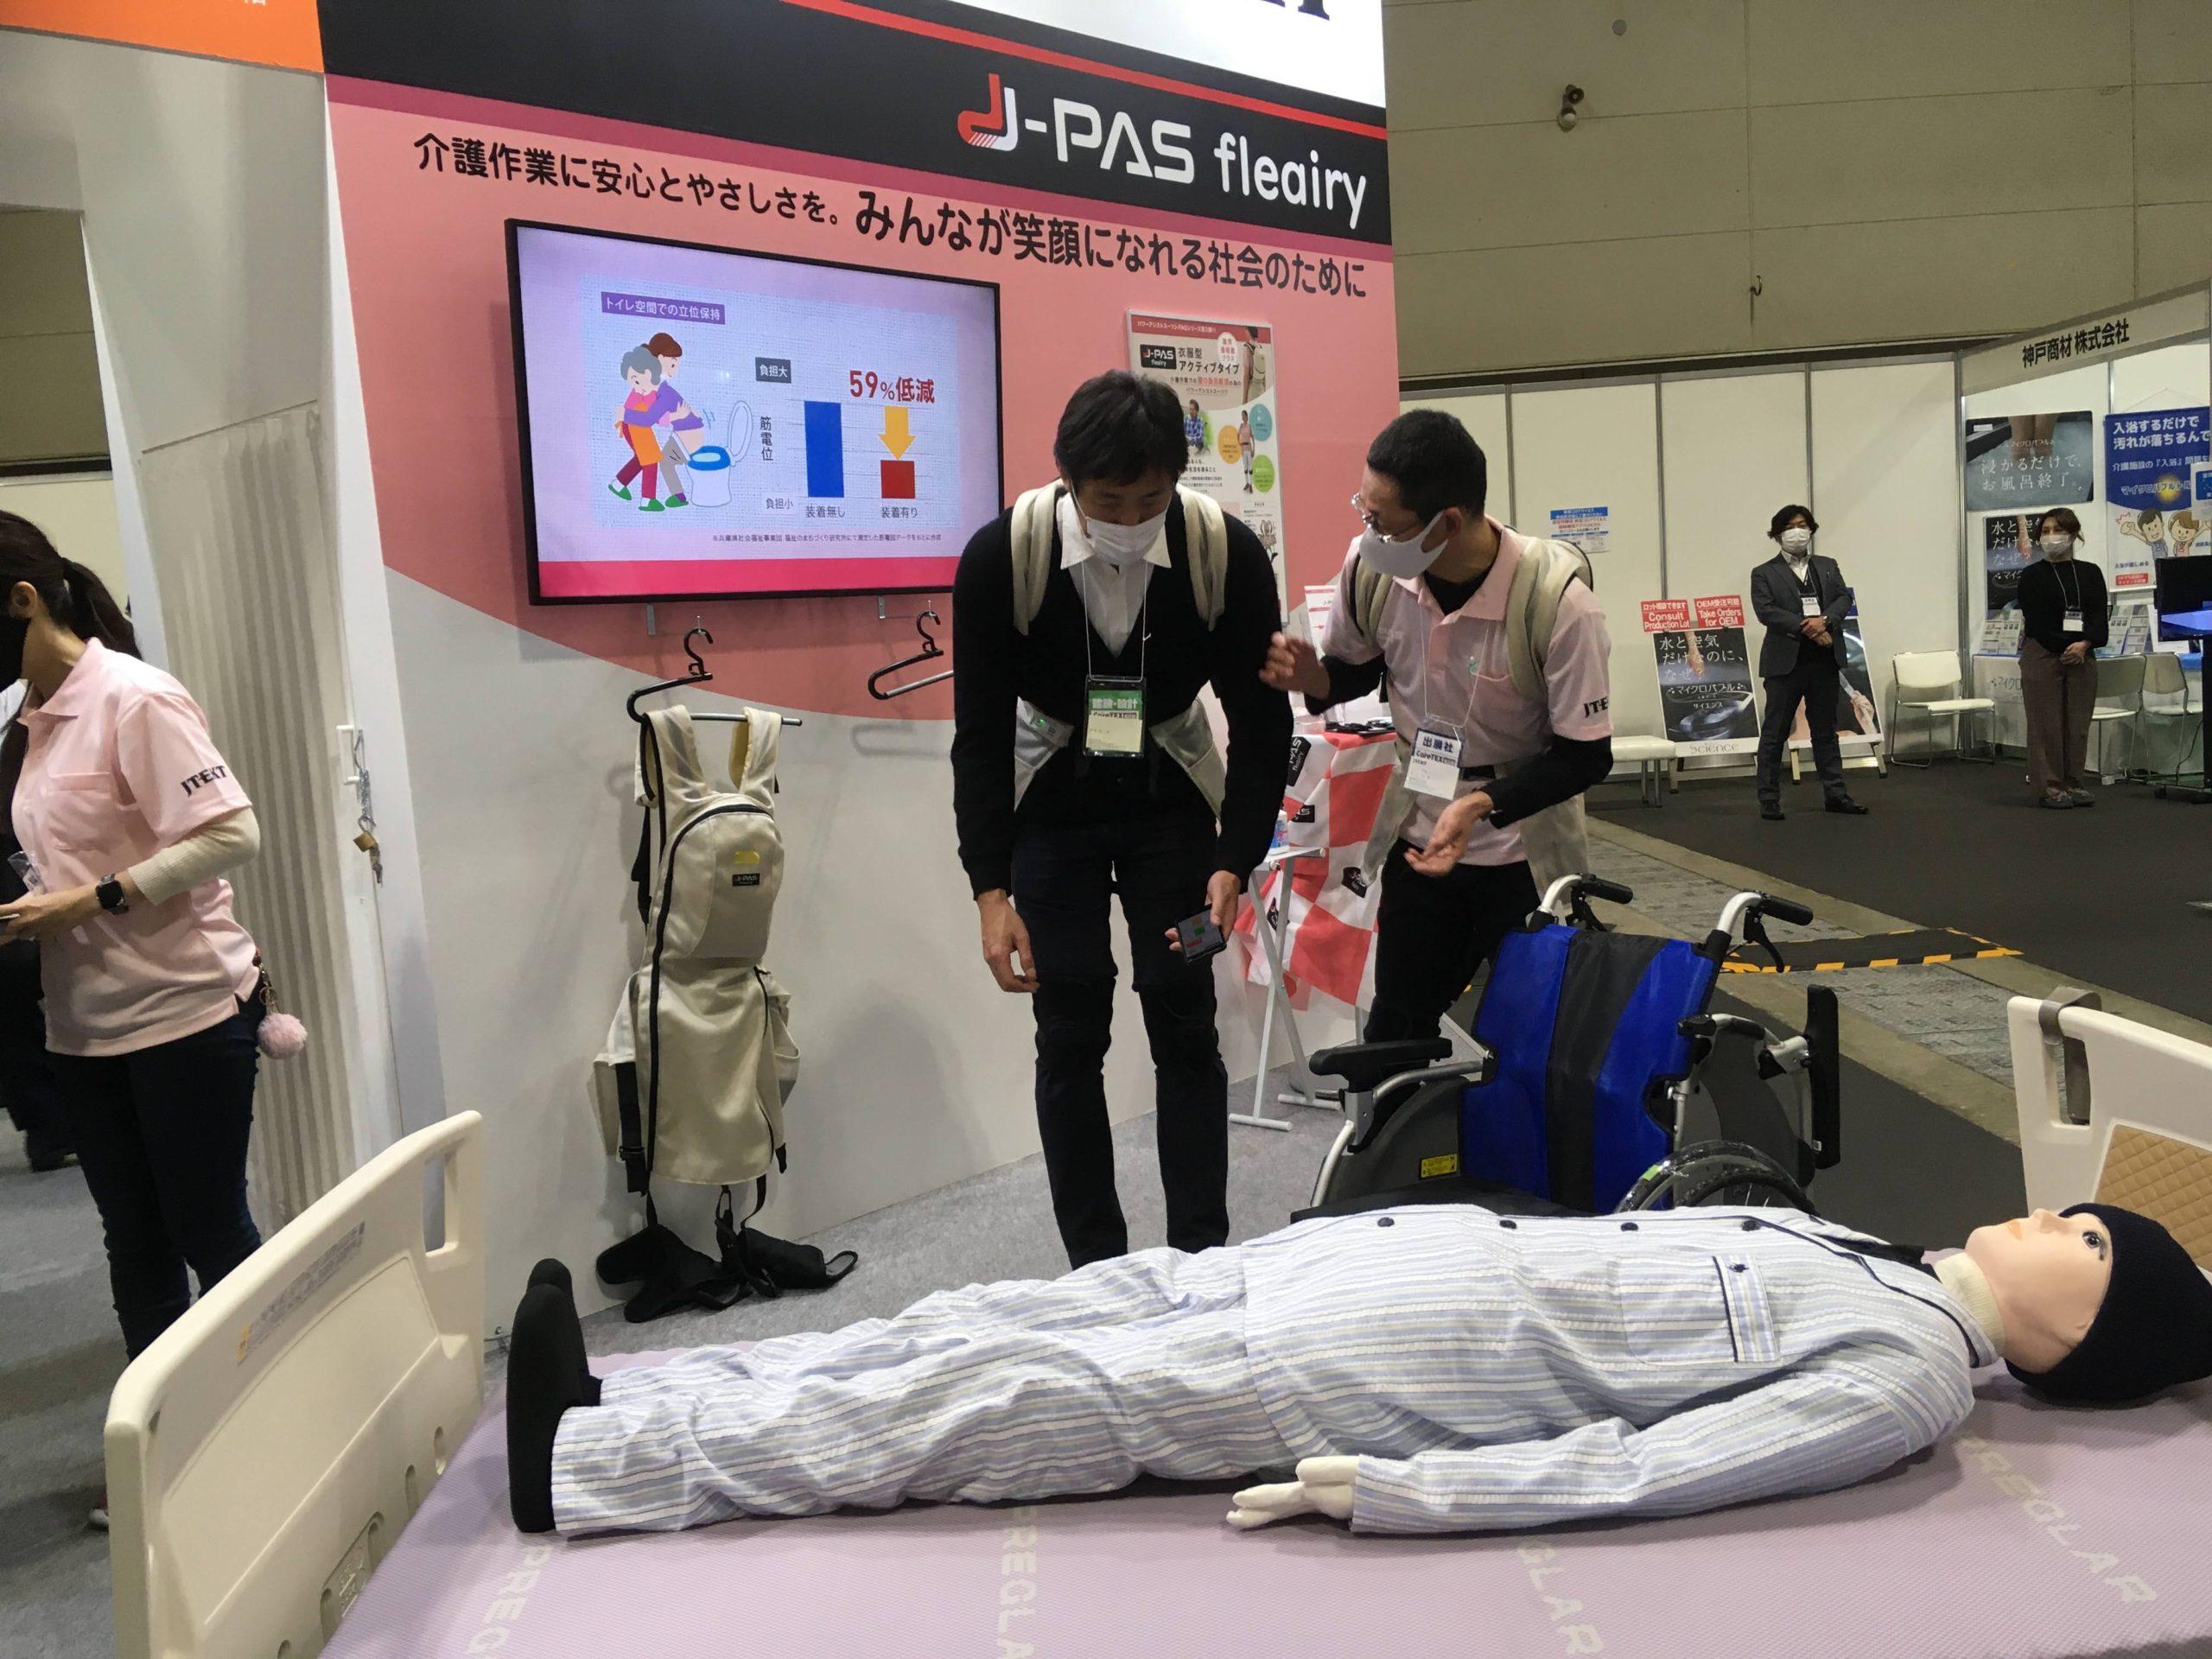 介護施設産業展CareTEX名古屋へ行ってきました。